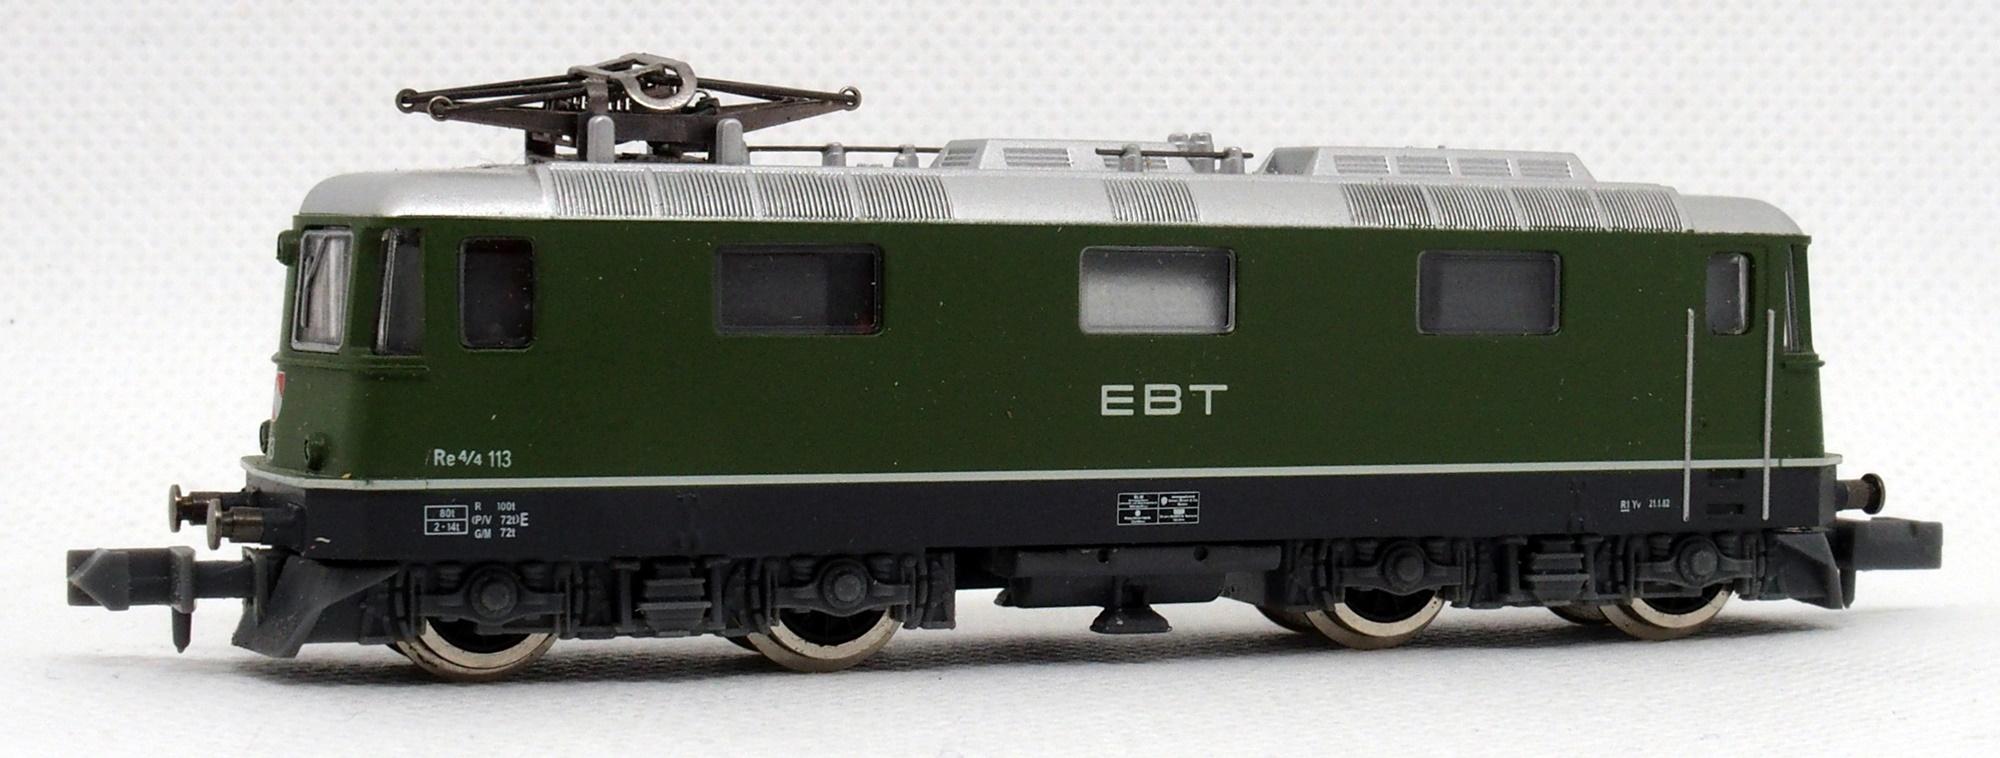 N Scale - De Agostini - Ferrovia del Gottardo-B - Locomotive, Electric, Re 4/4 II - Emmental-Burgdorf-Thun-Bahn - 113